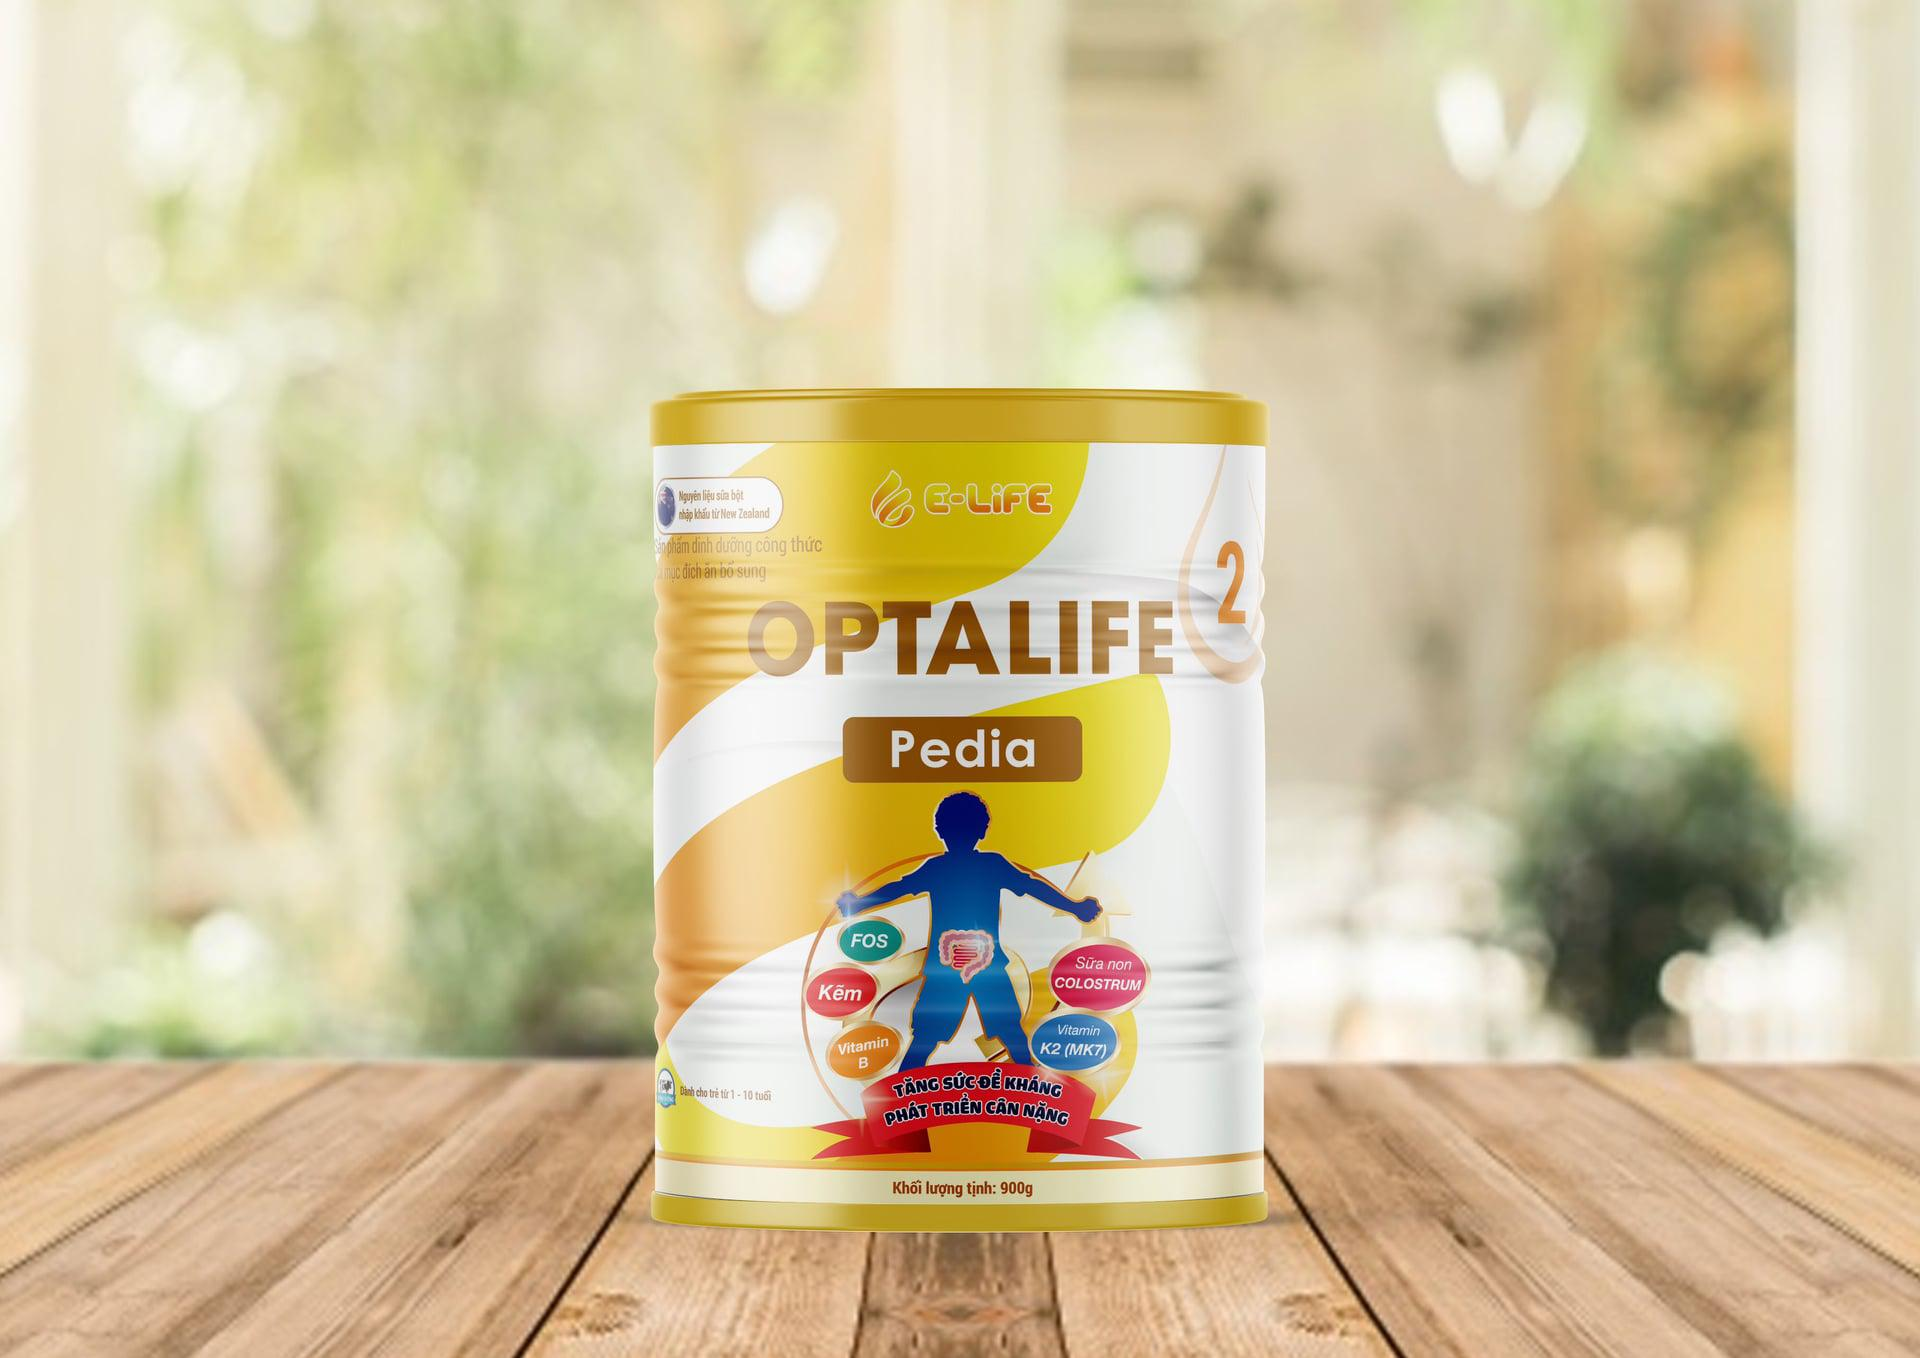 Sữa Non Optalife 2 Pedia cho trẻ biếng ăn & chậm tăng cân từ 1-10 tuổi